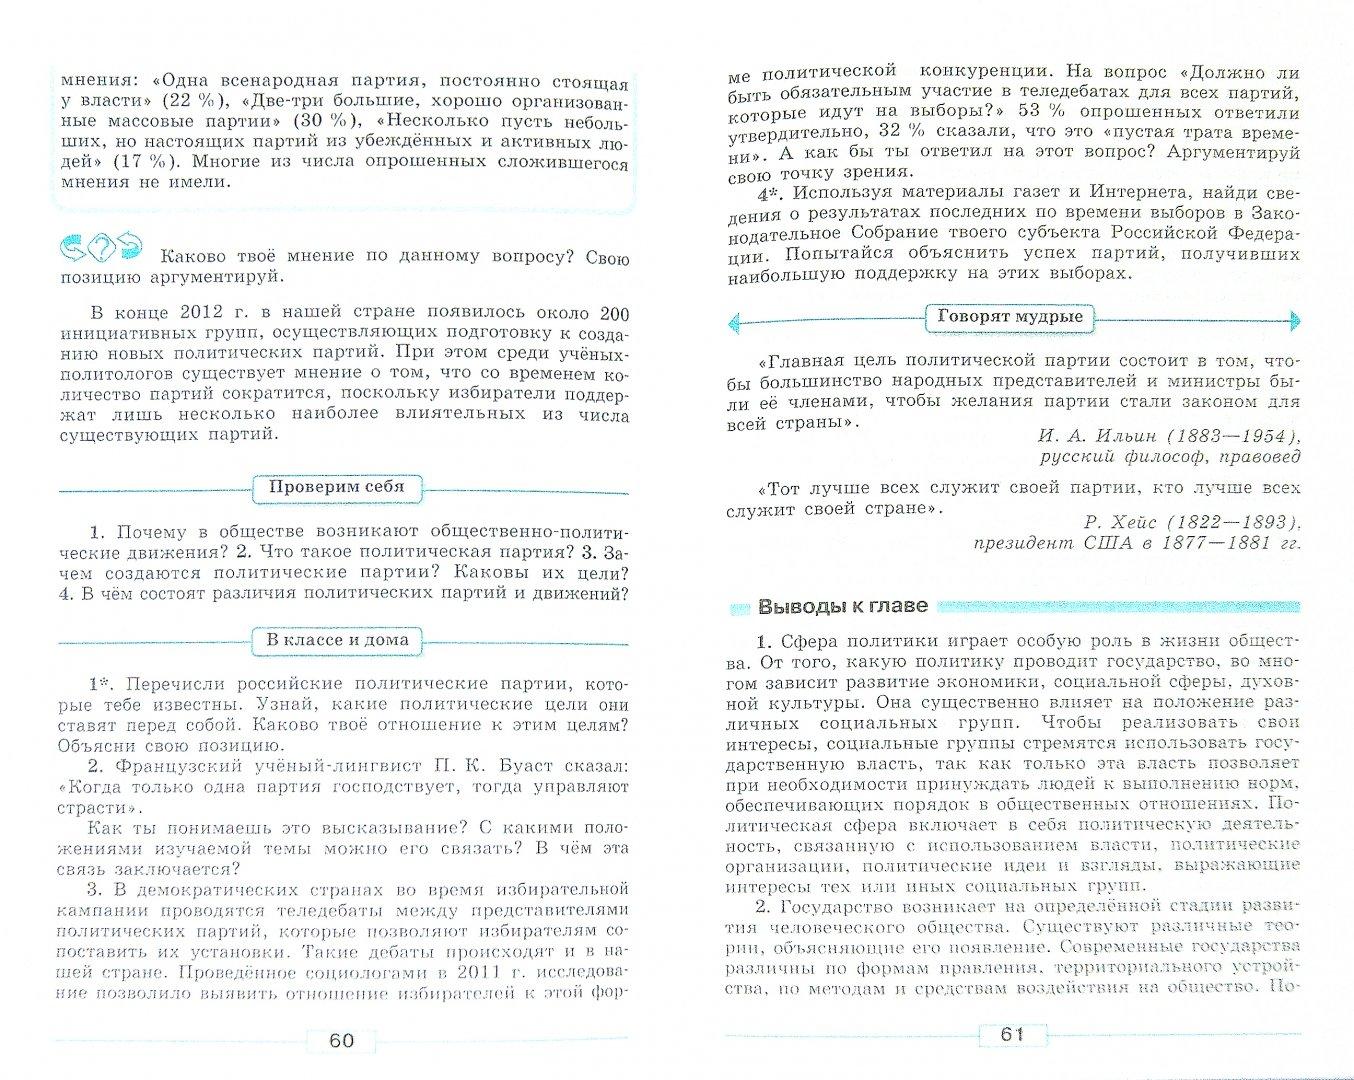 Иллюстрация 1 из 31 для Обществознание. 9 класс. Учебник. ФГОС - Боголюбов, Жильцова, Матвеев, Кинкулькин | Лабиринт - книги. Источник: Лабиринт